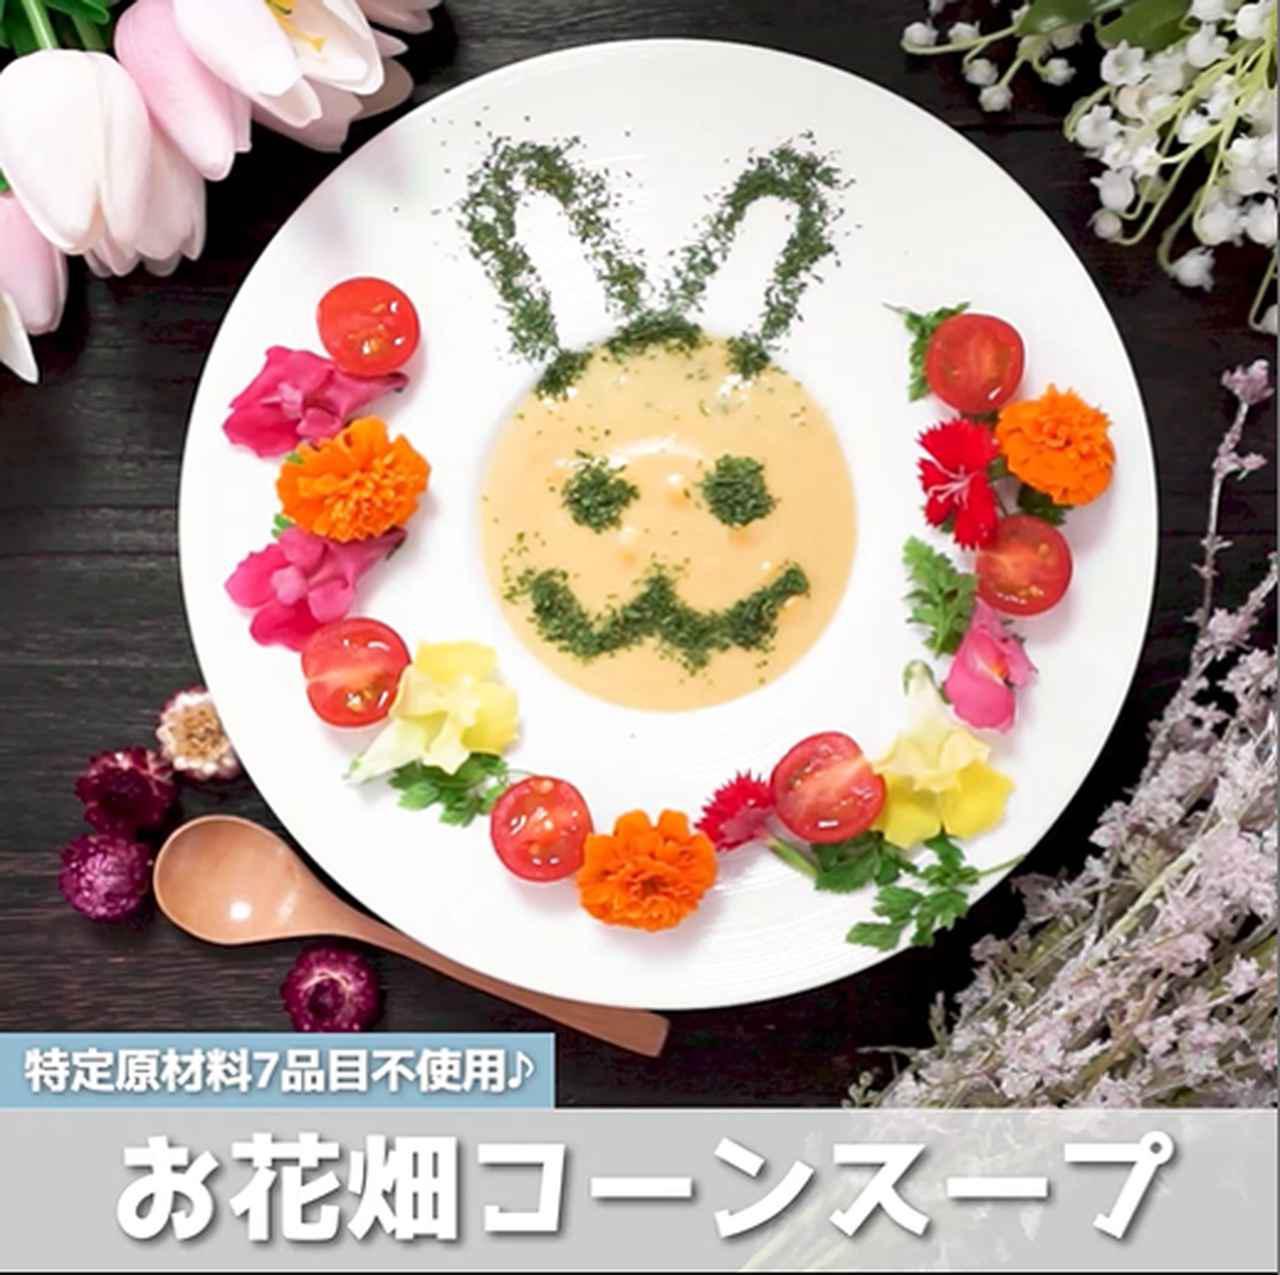 画像: 朝ごはんにどうぞ!豆乳で作るコーンスープ - 君とごはん